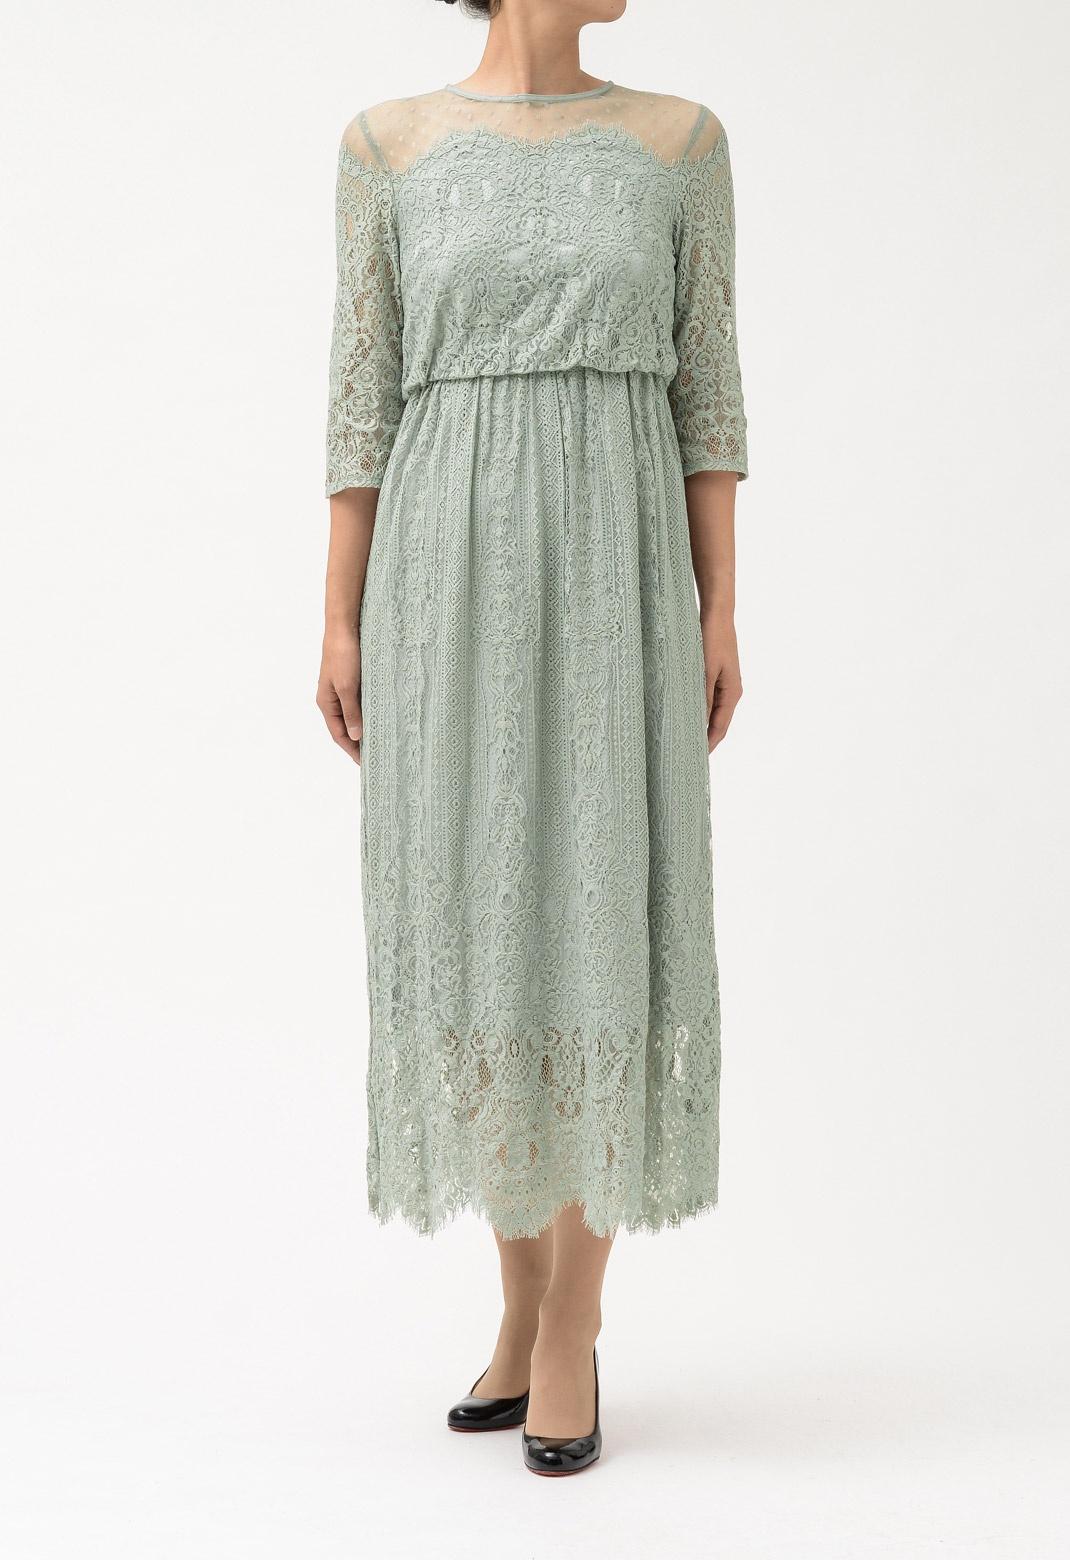 ドットチュール×パネルレース 七分袖 ドレス